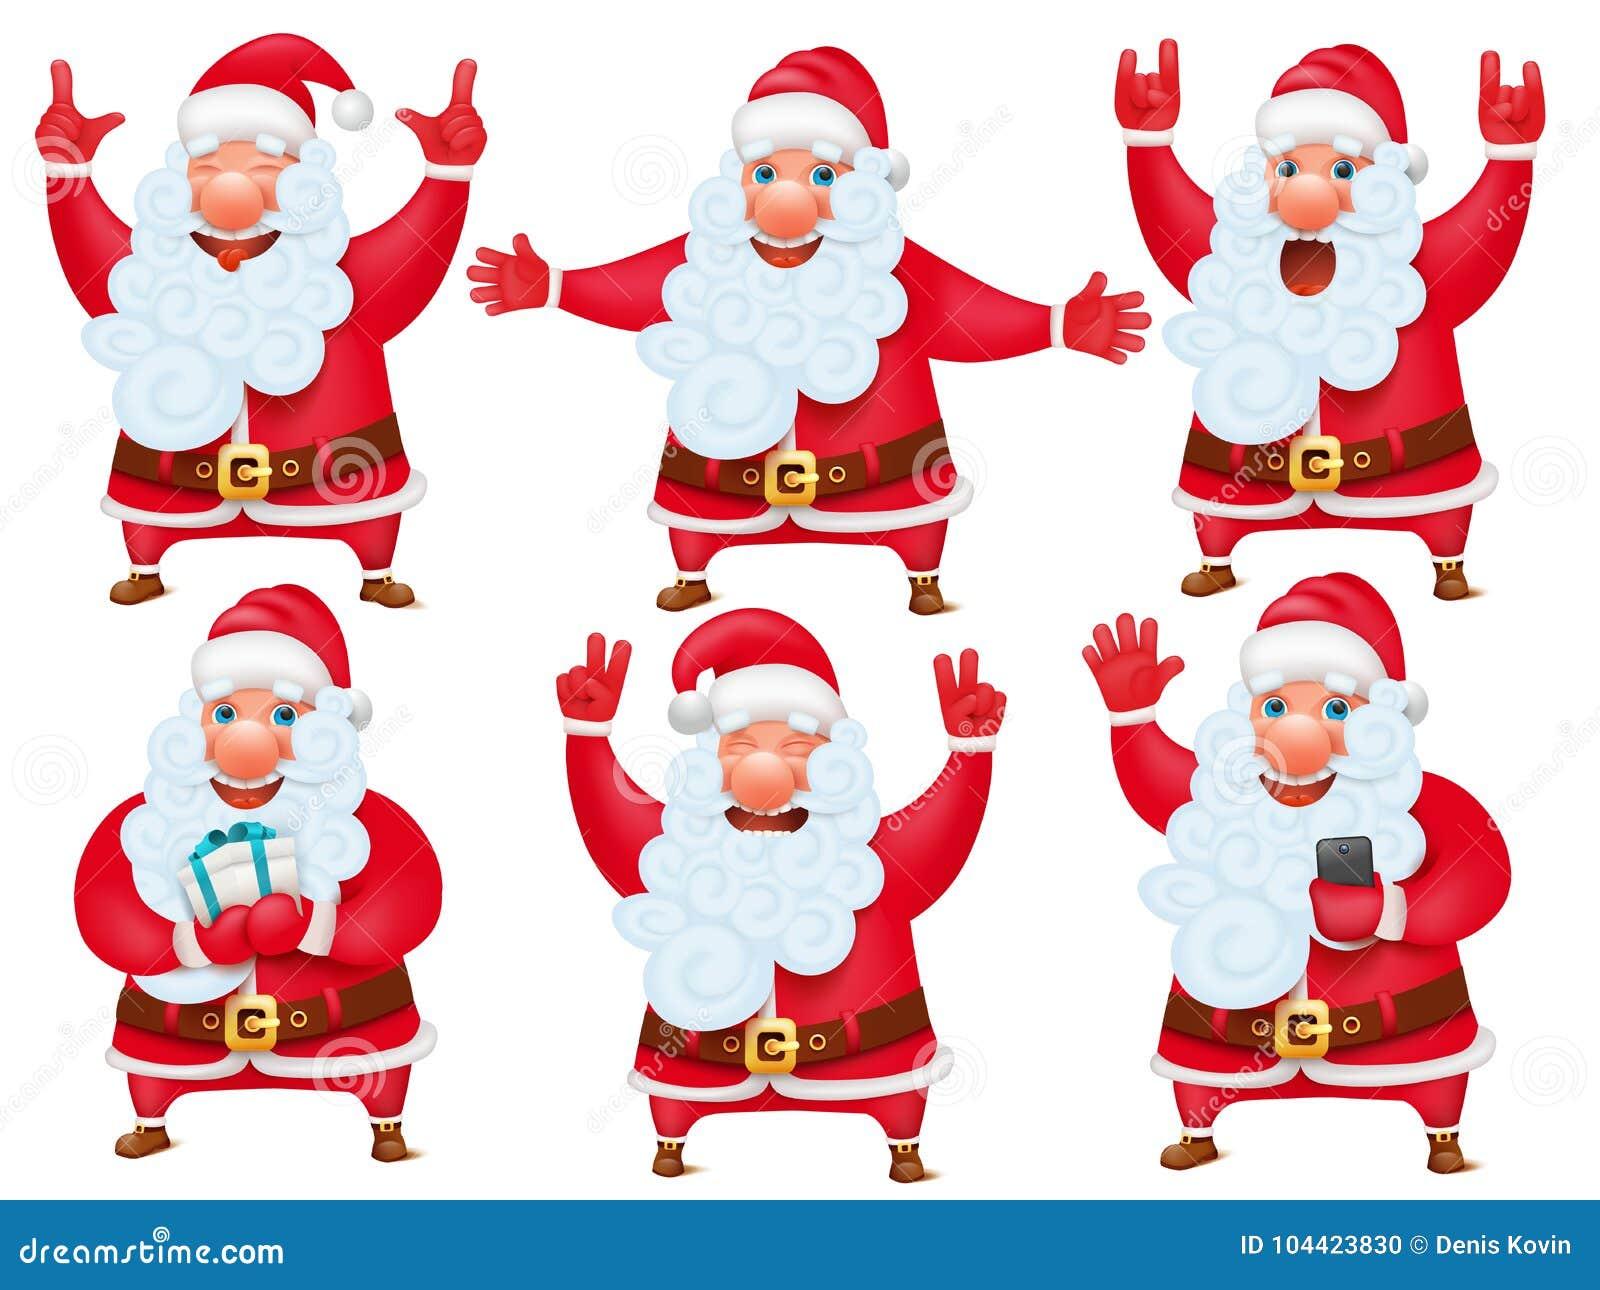 Imagenes De Papa Noel De Navidad.Sistema De La Navidad Del Ano Nuevo De Personaje De Dibujos